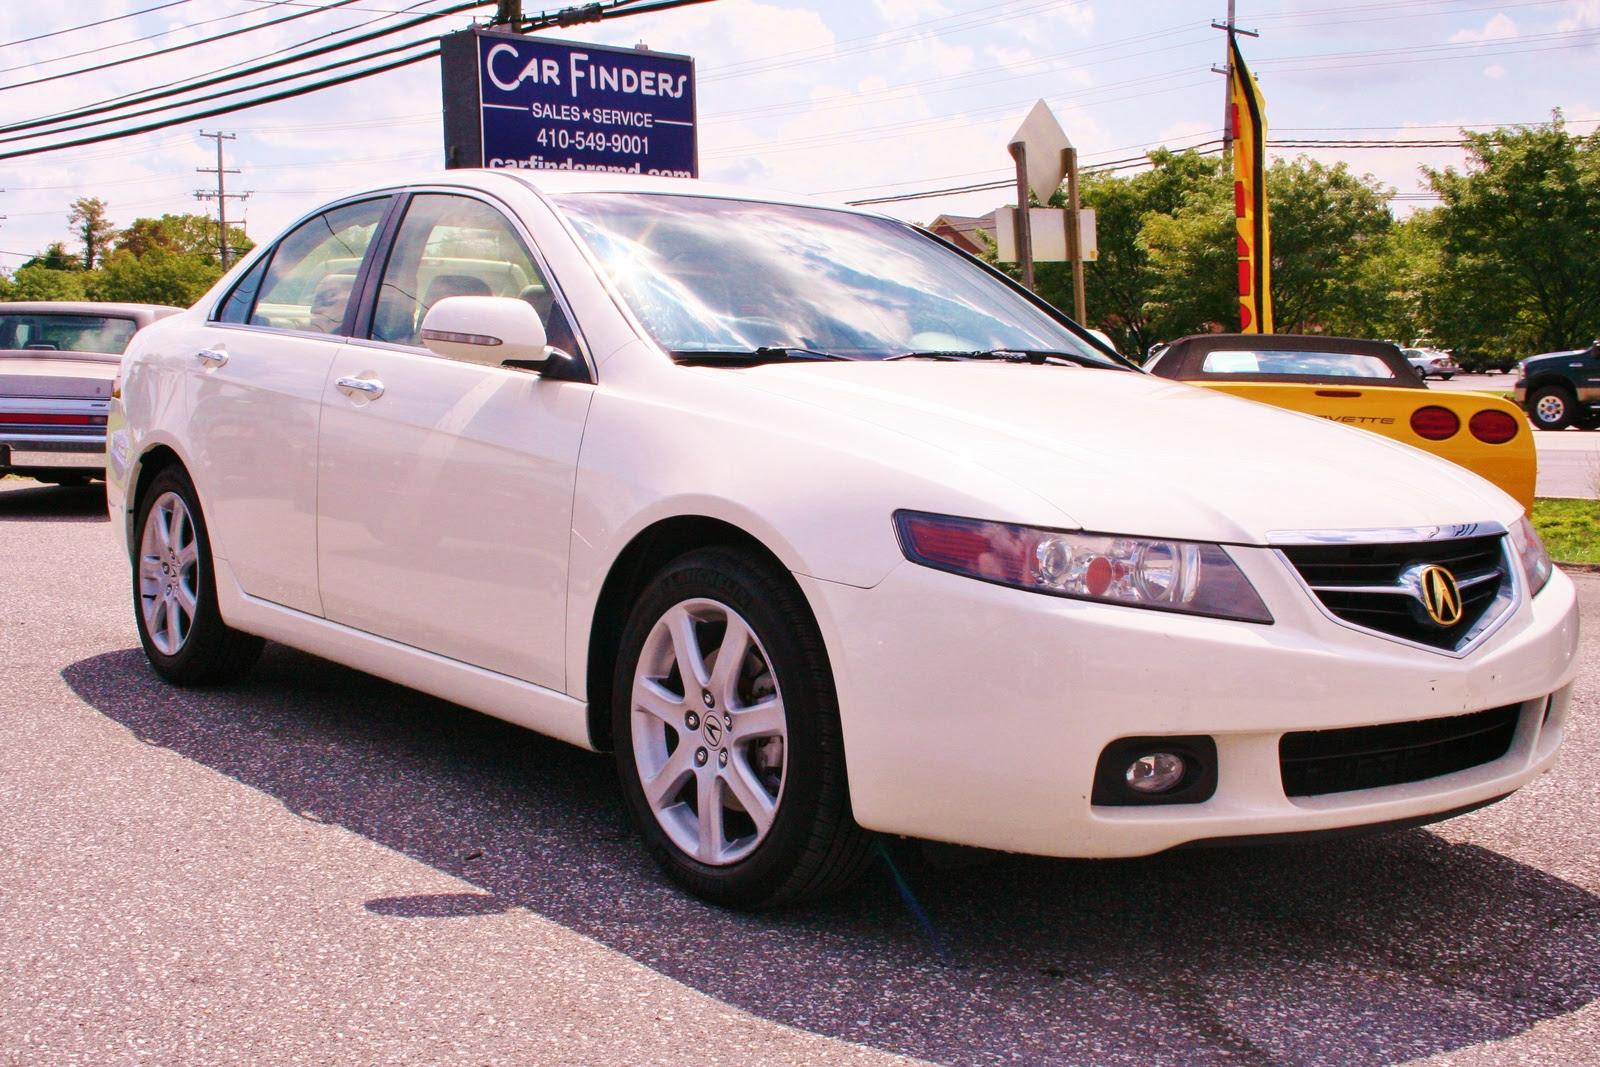 2005 Acura TSX - Pictures - CarGurus